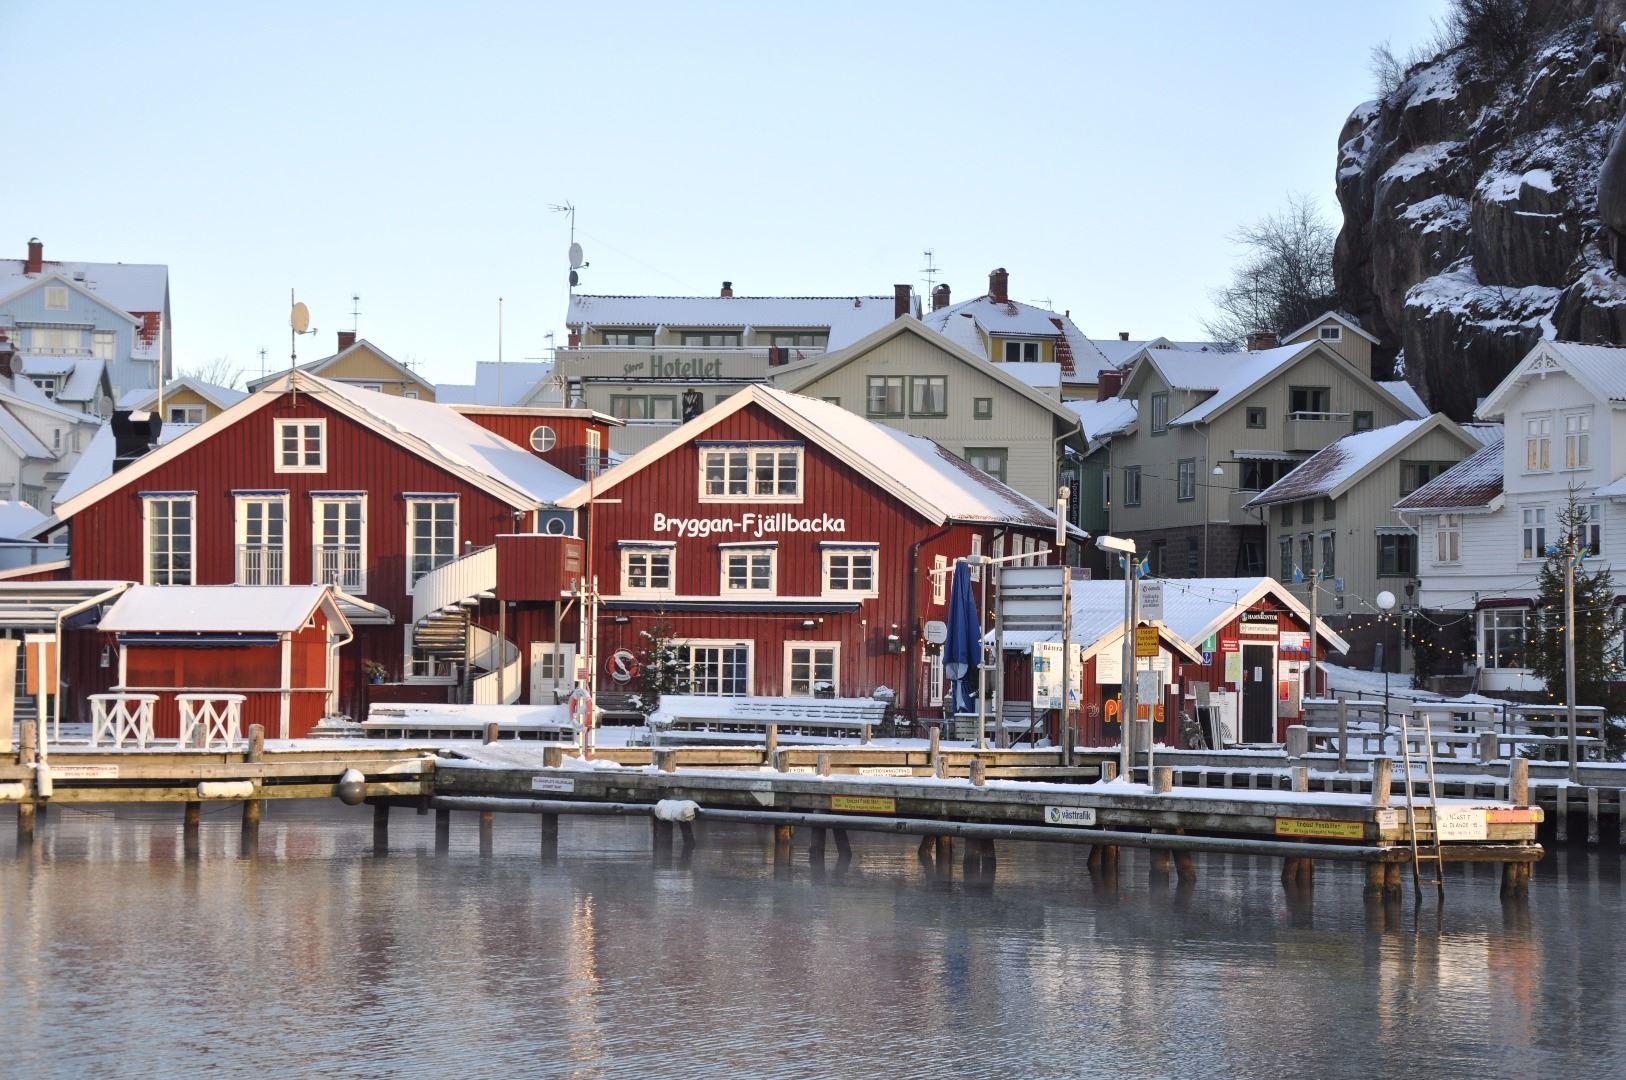 Stora Hotellet Bryggan in Fjällbacka